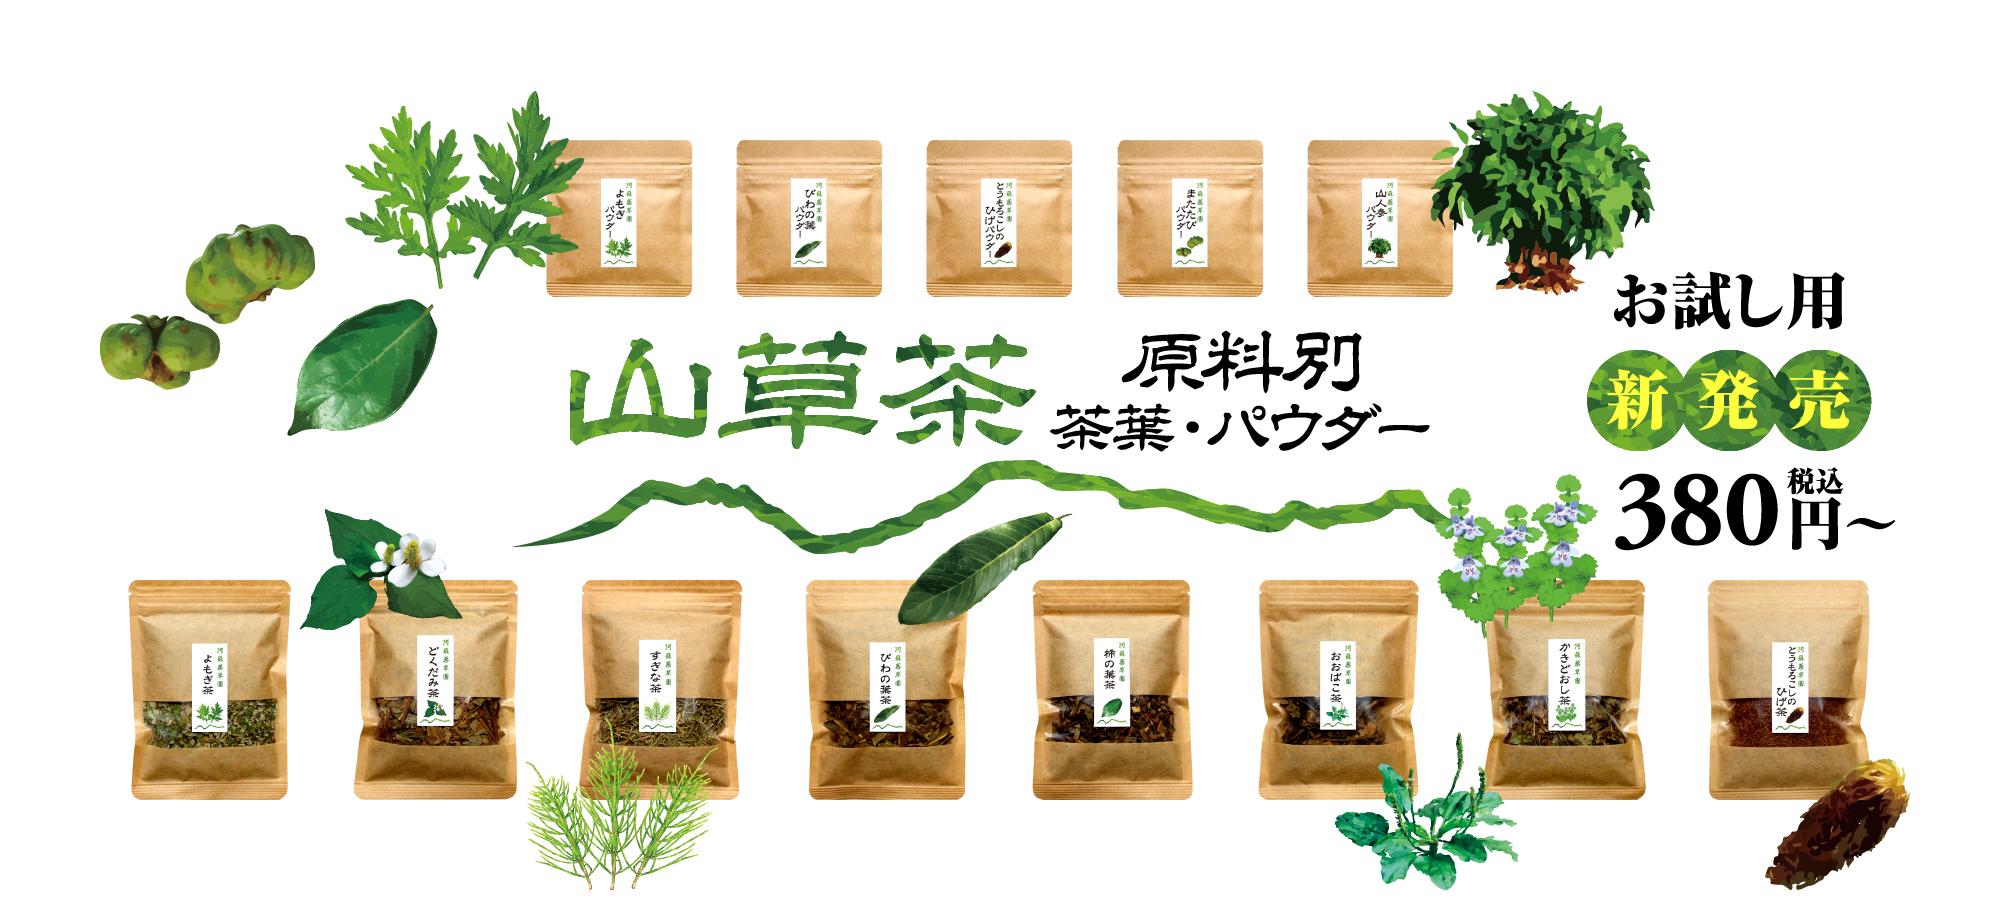 山草茶(原料別)茶葉・パウダー お試し用